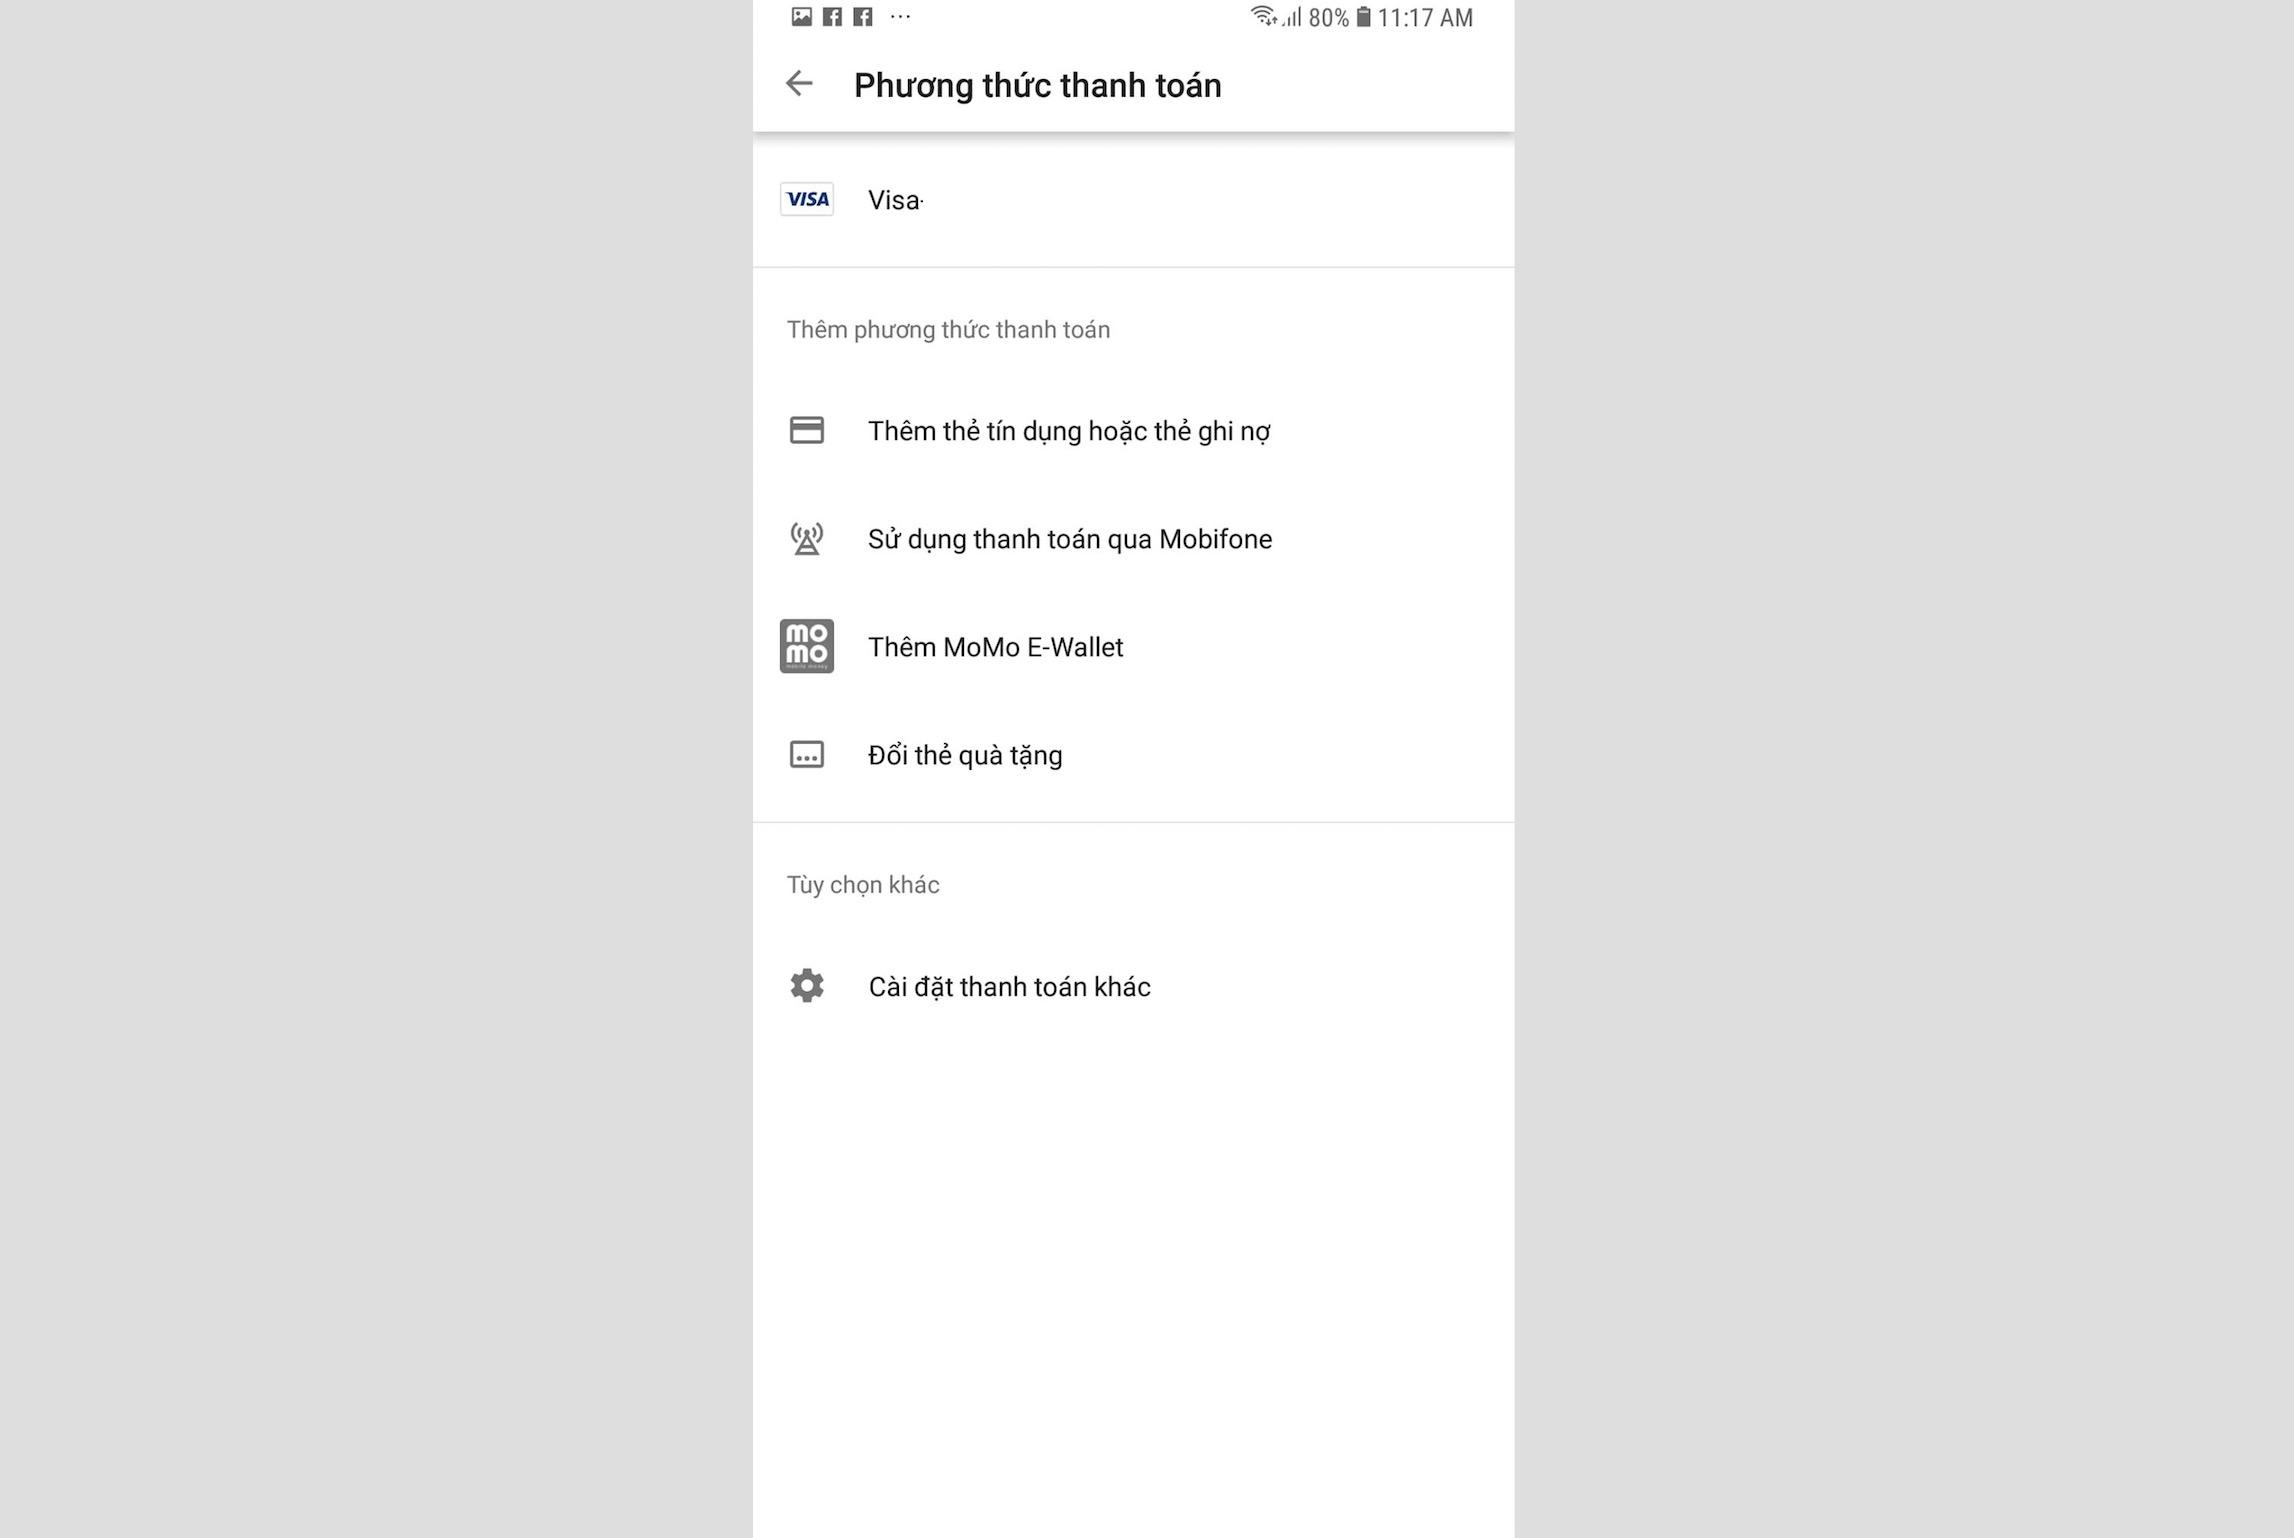 Huong Dan Mua Ung Dung Tren Google Play Tren Vi Momo Don Gian 03